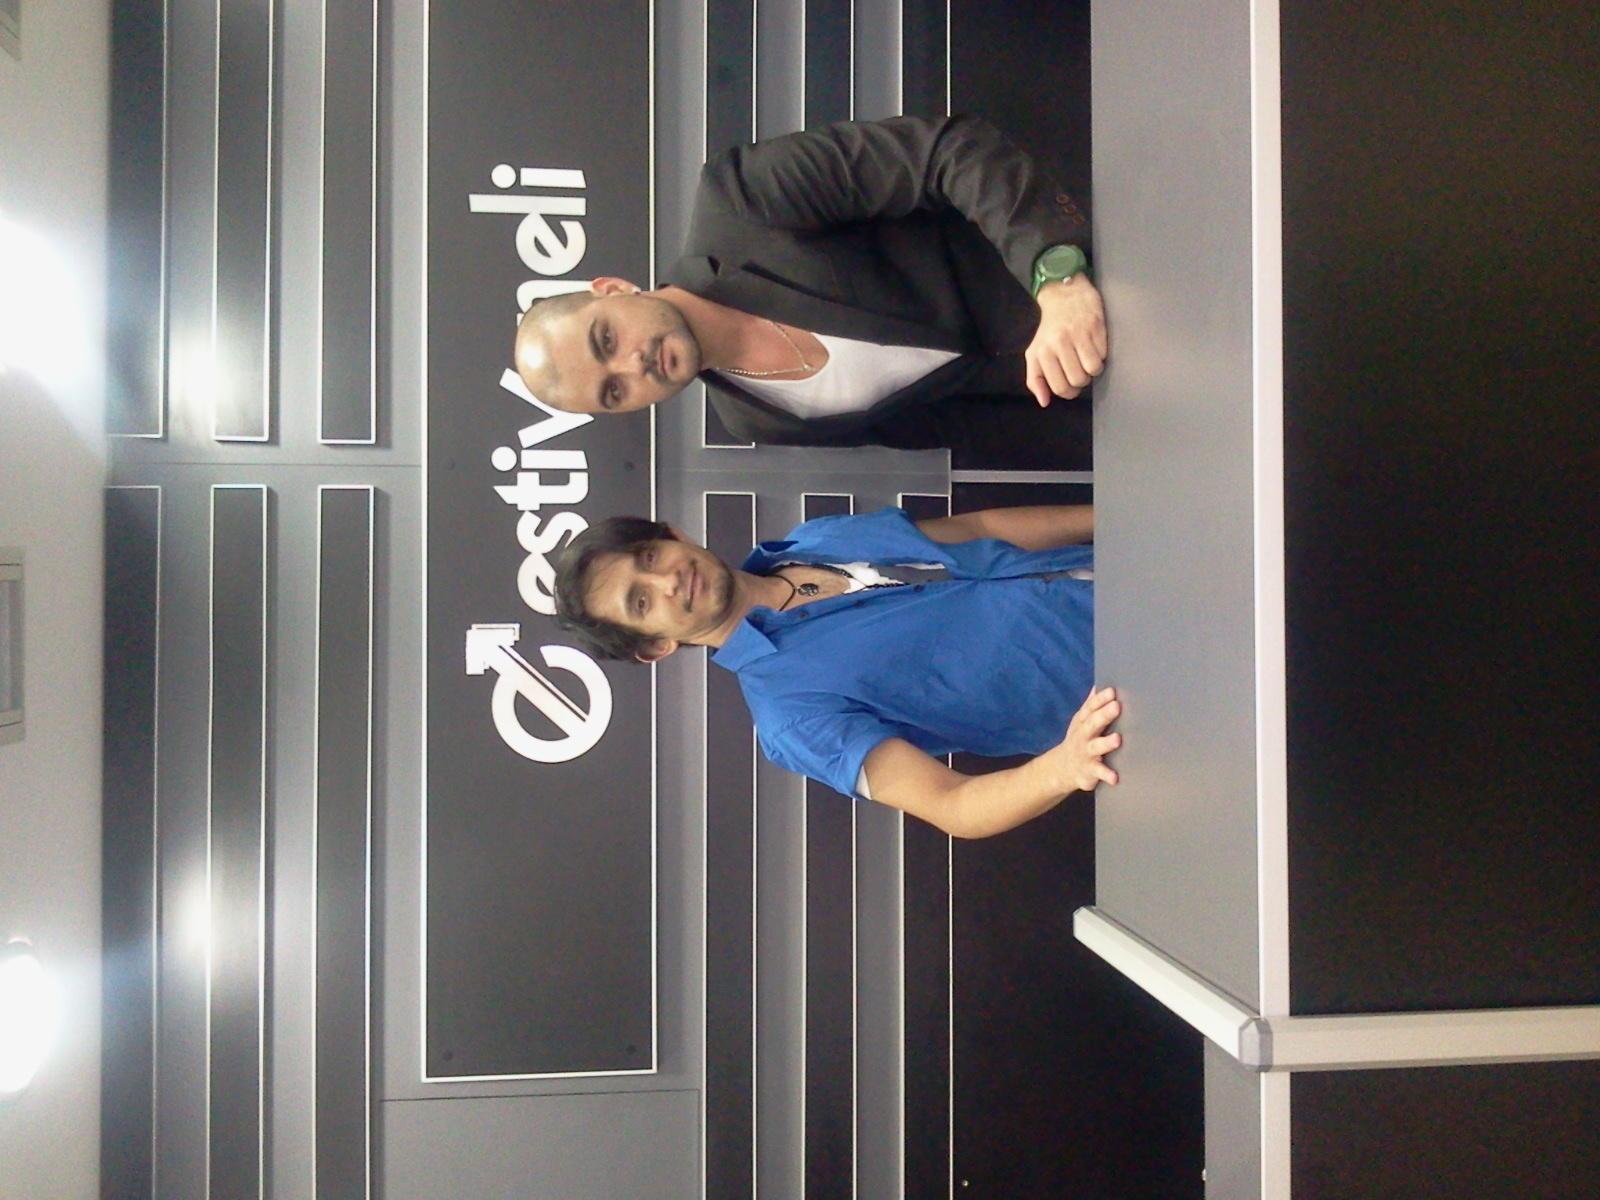 En la tienda Estivaneli con el asesor de imagen Said Zambrano apoyando a @duapop para la sesion de fotos del disco http://t.co/A3MmWWFi